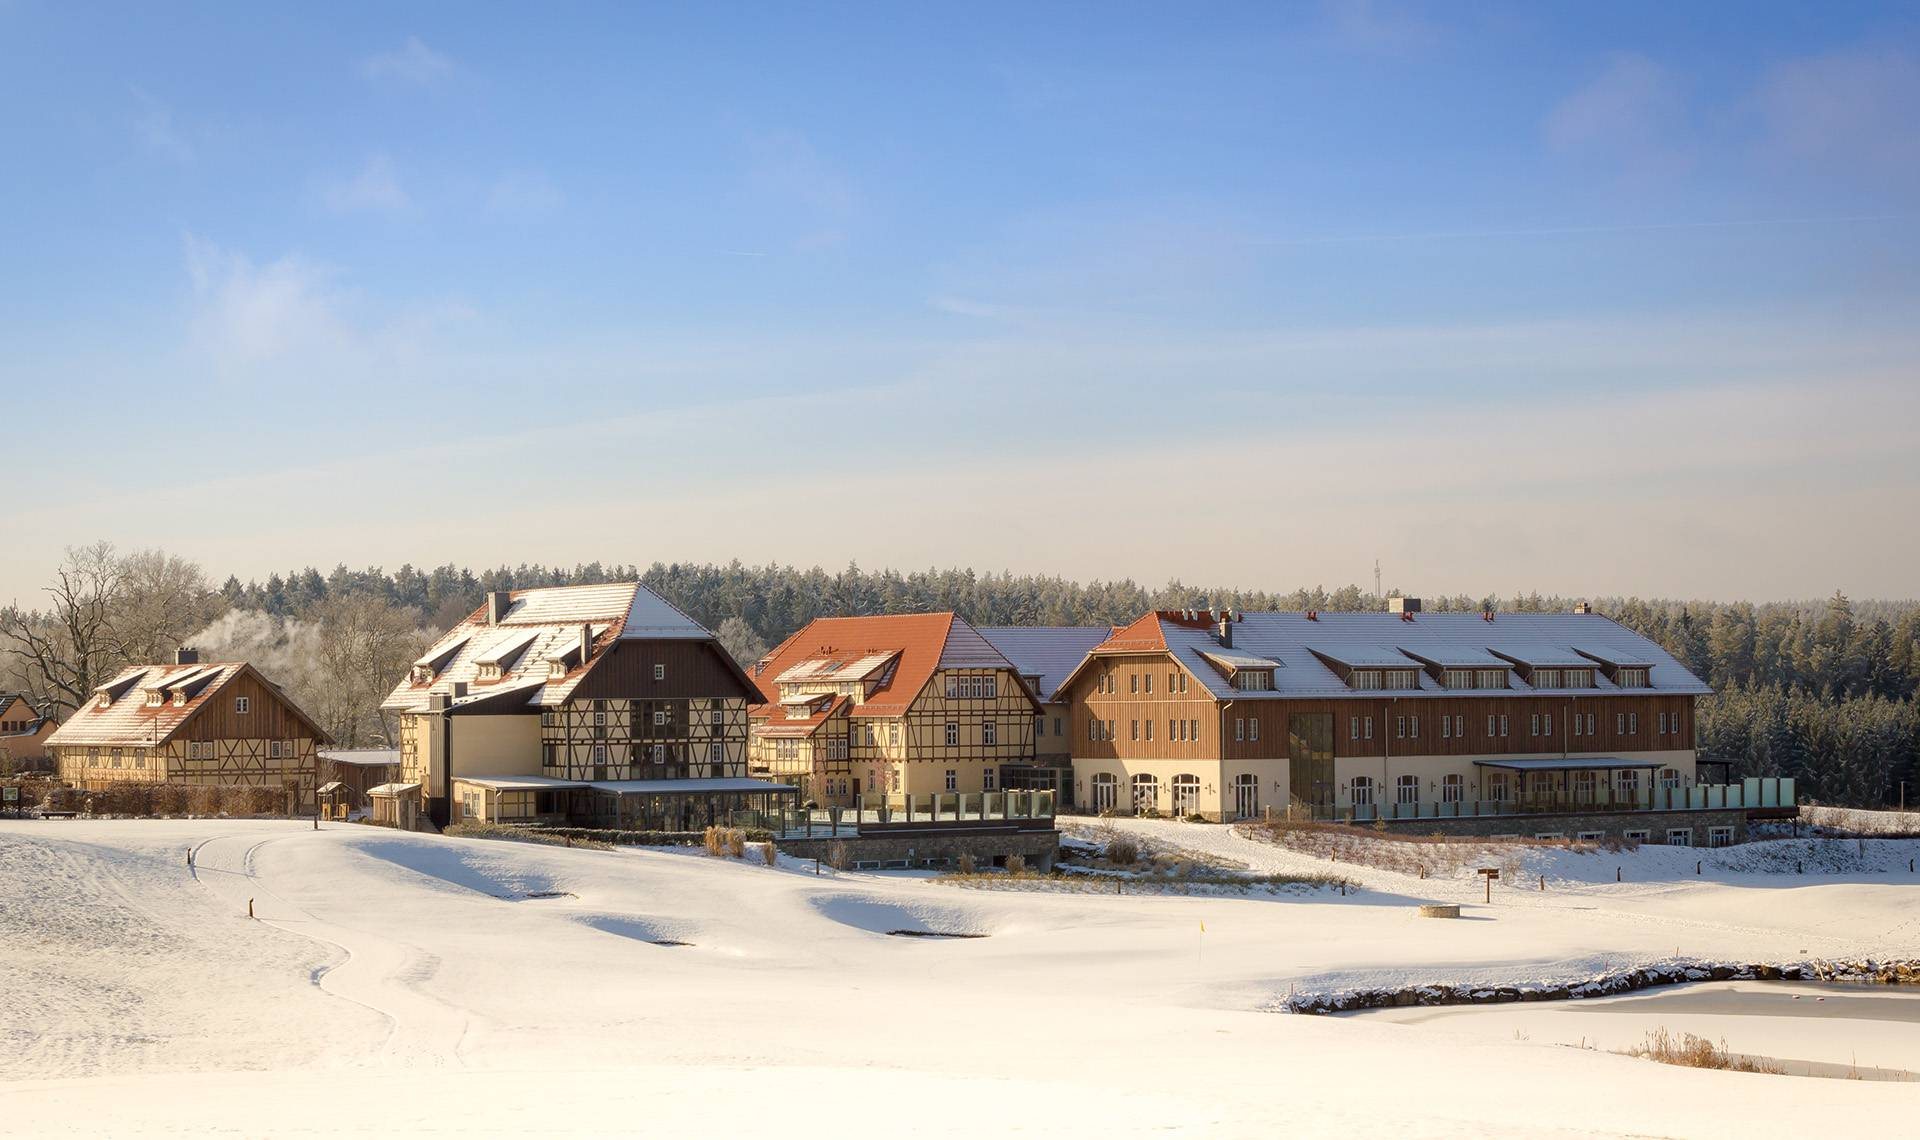 Willkommen Spa Golfresort Weimarer Land Home Newsletter Sitemap Agbs Contakt